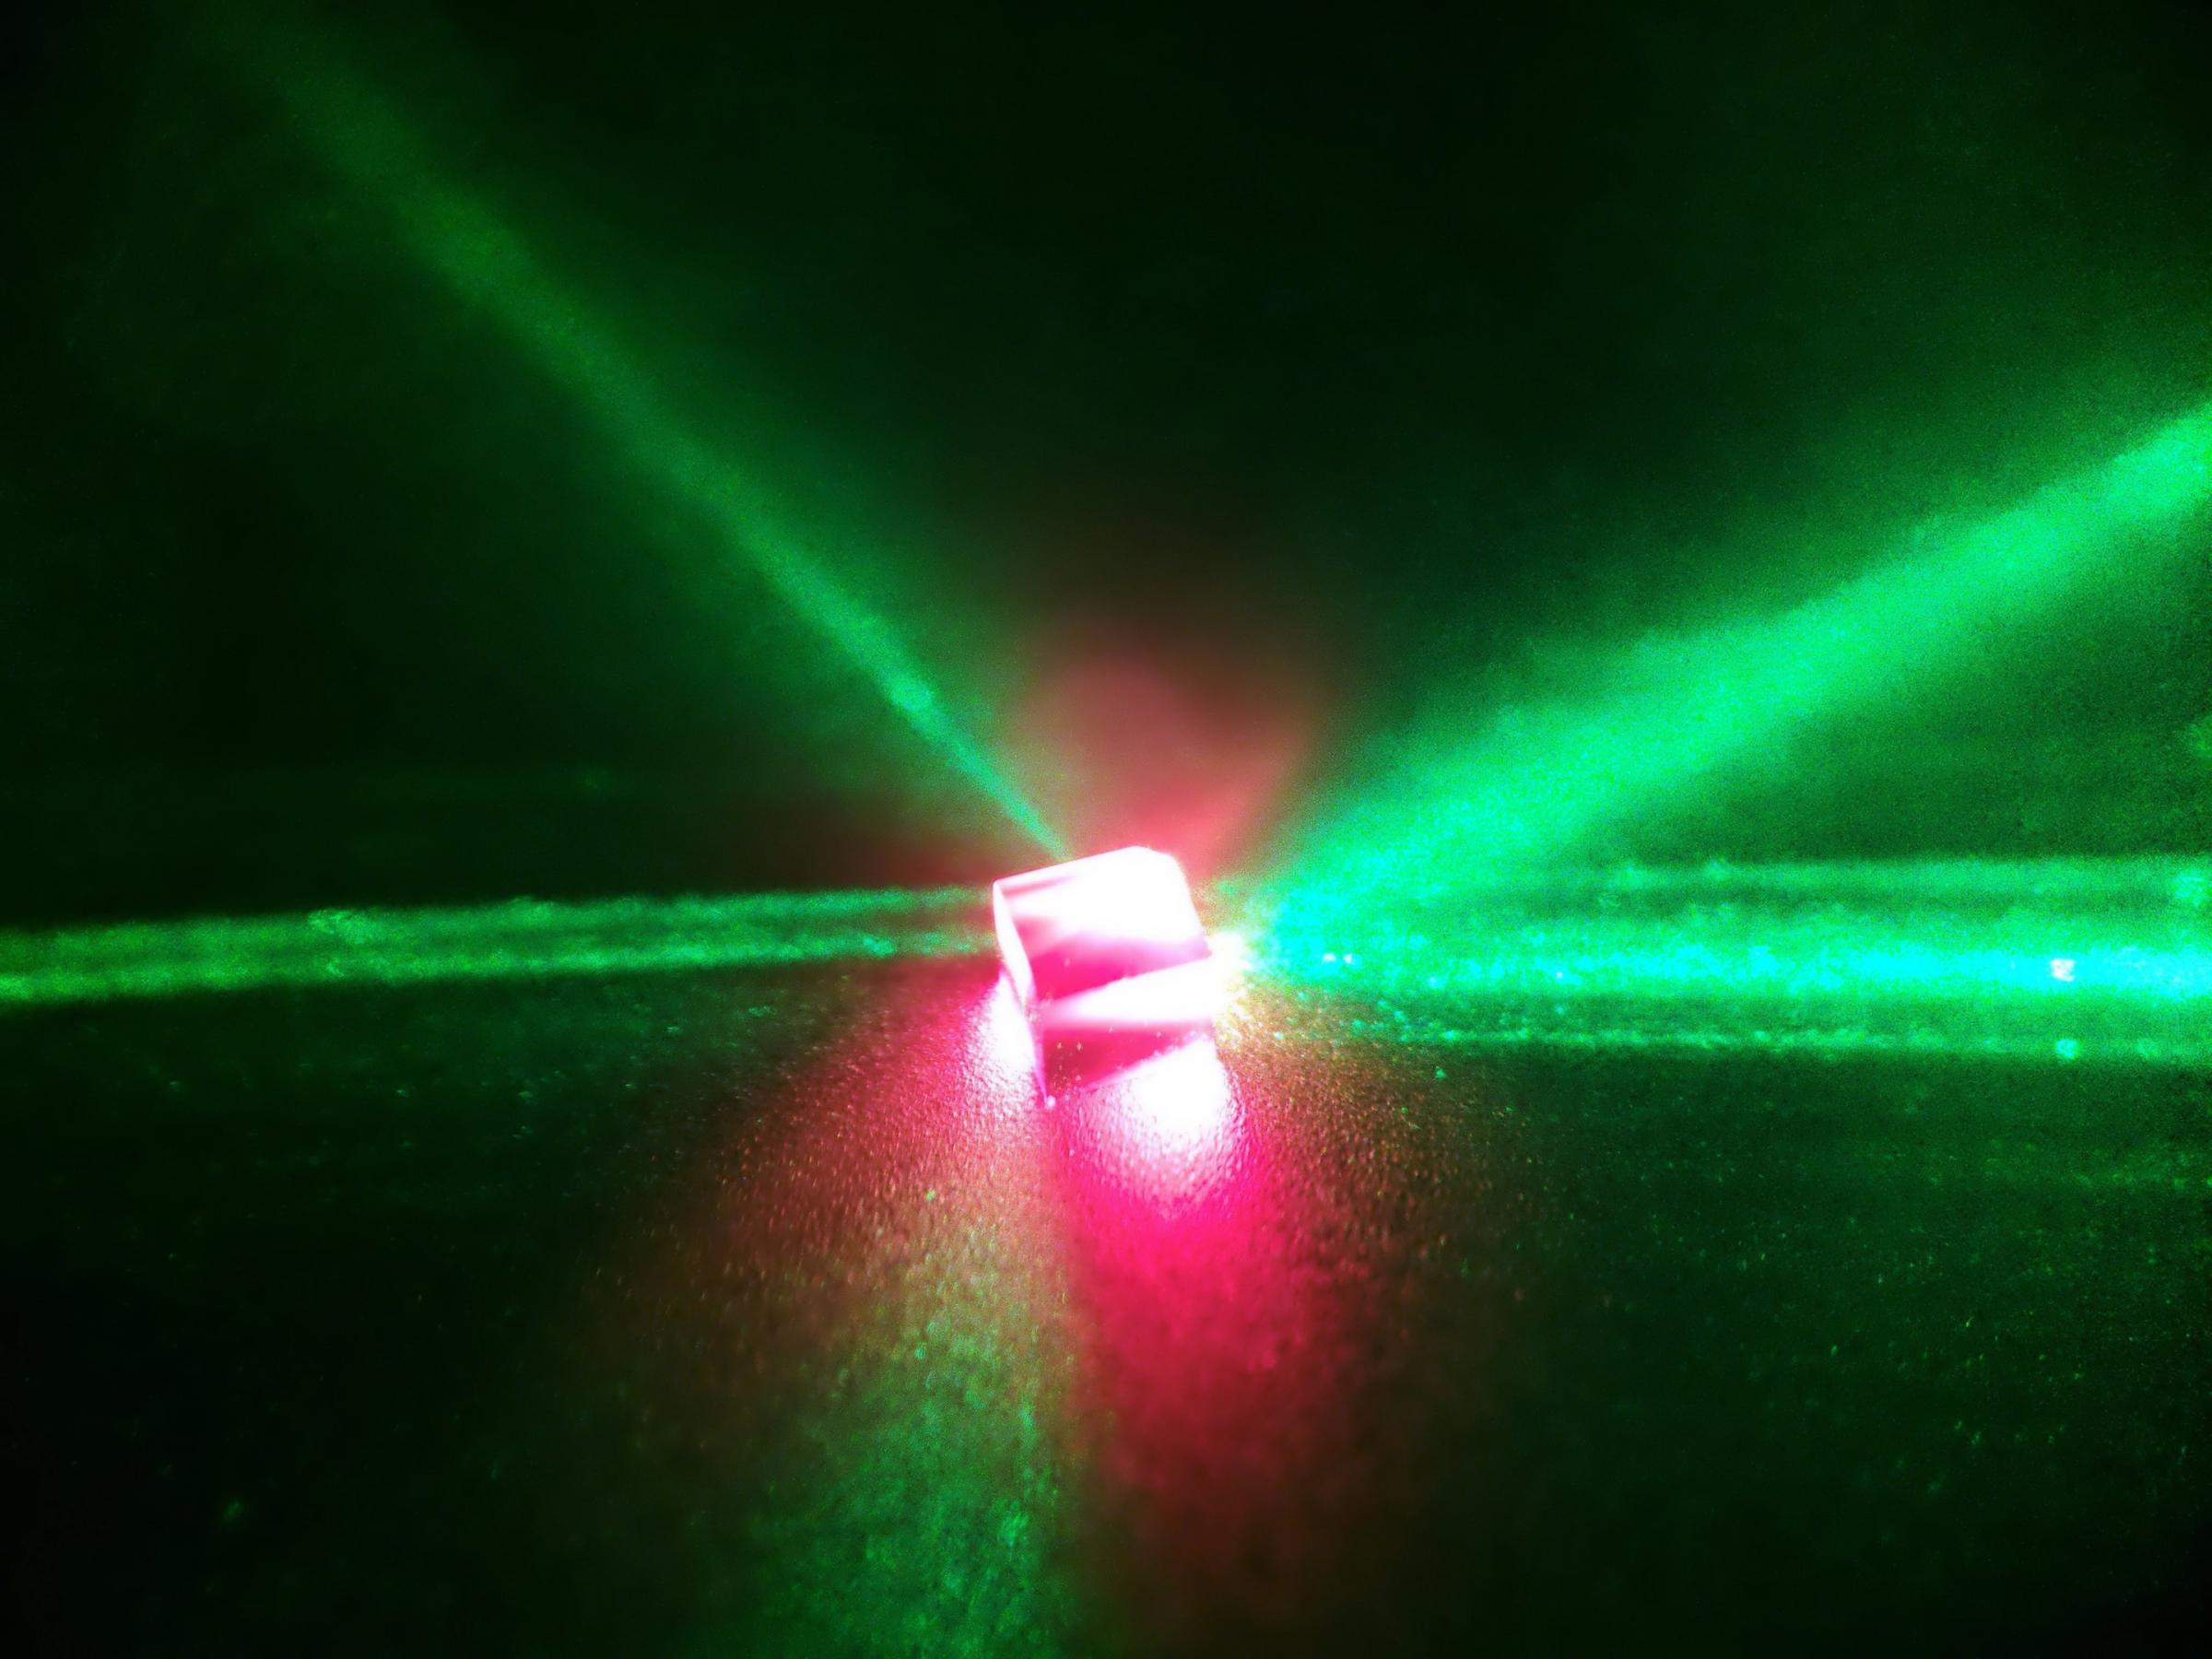 נקודת מפגש בין העולם הקוונטי לפיזיקה הקלאסית. גביש יהלום מואר בלייזר | צילום: Jonathan Breeze, Imperial College London